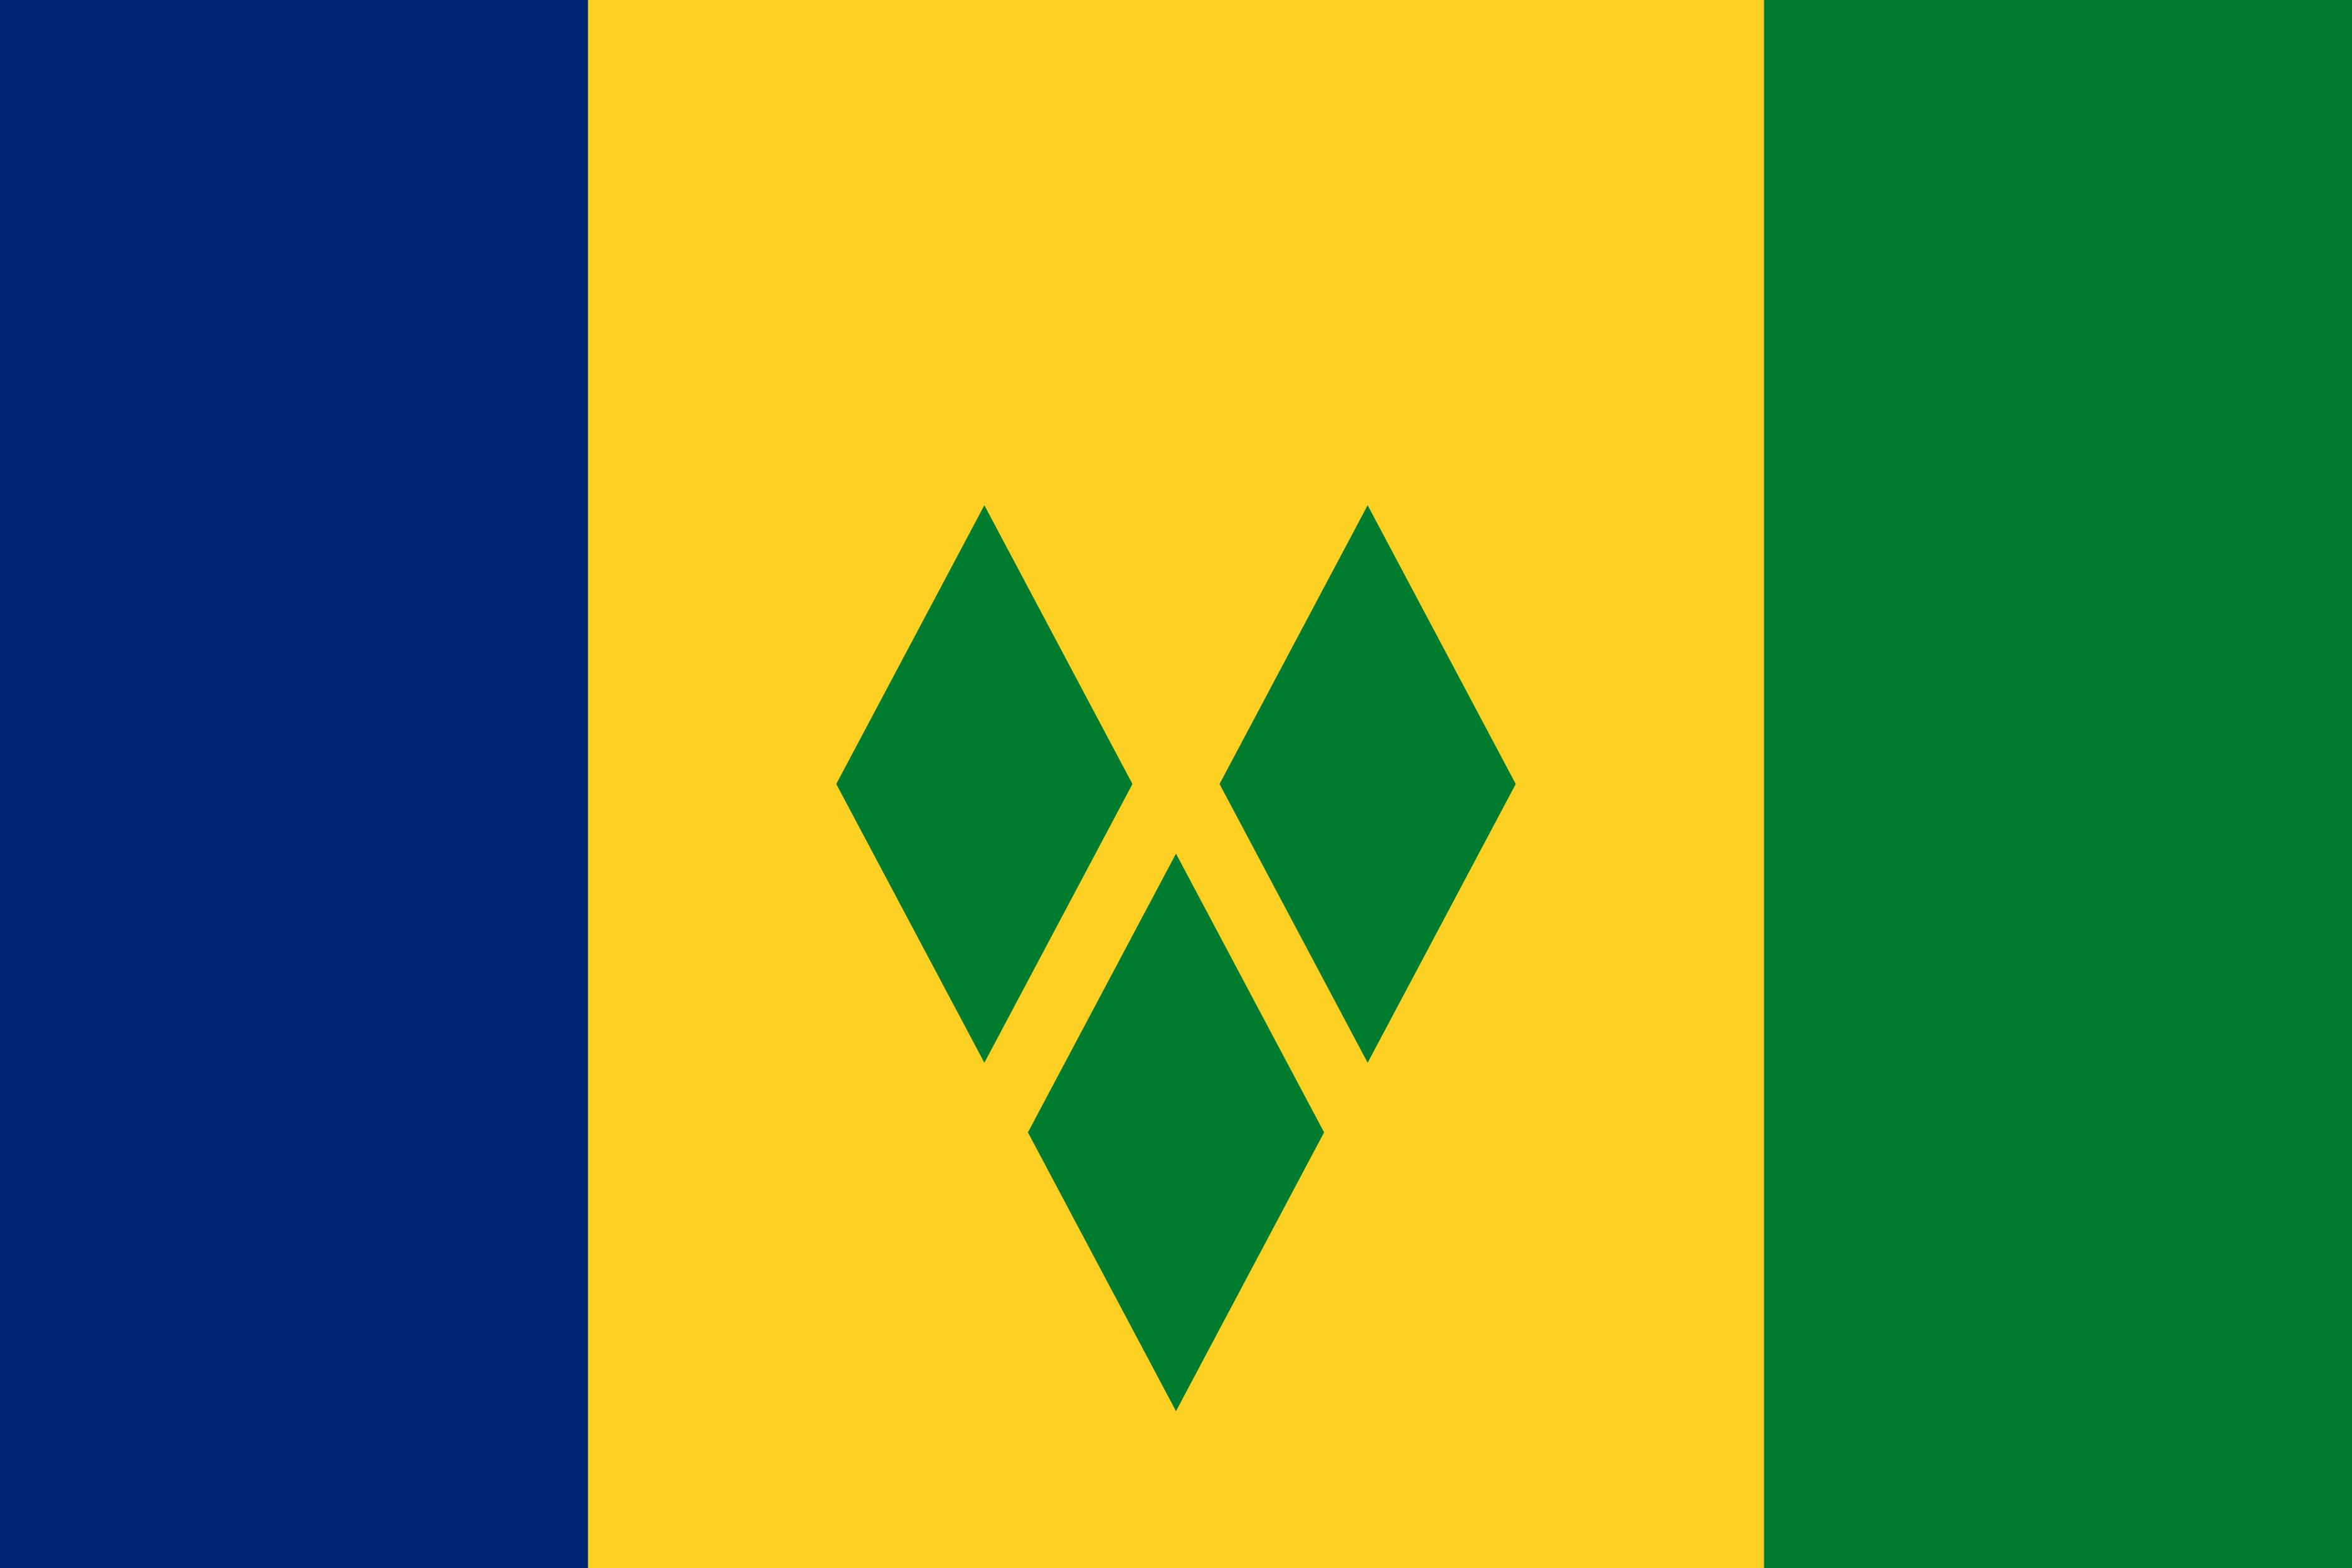 Saint_Vincent_and_Grenadines Flag Colours